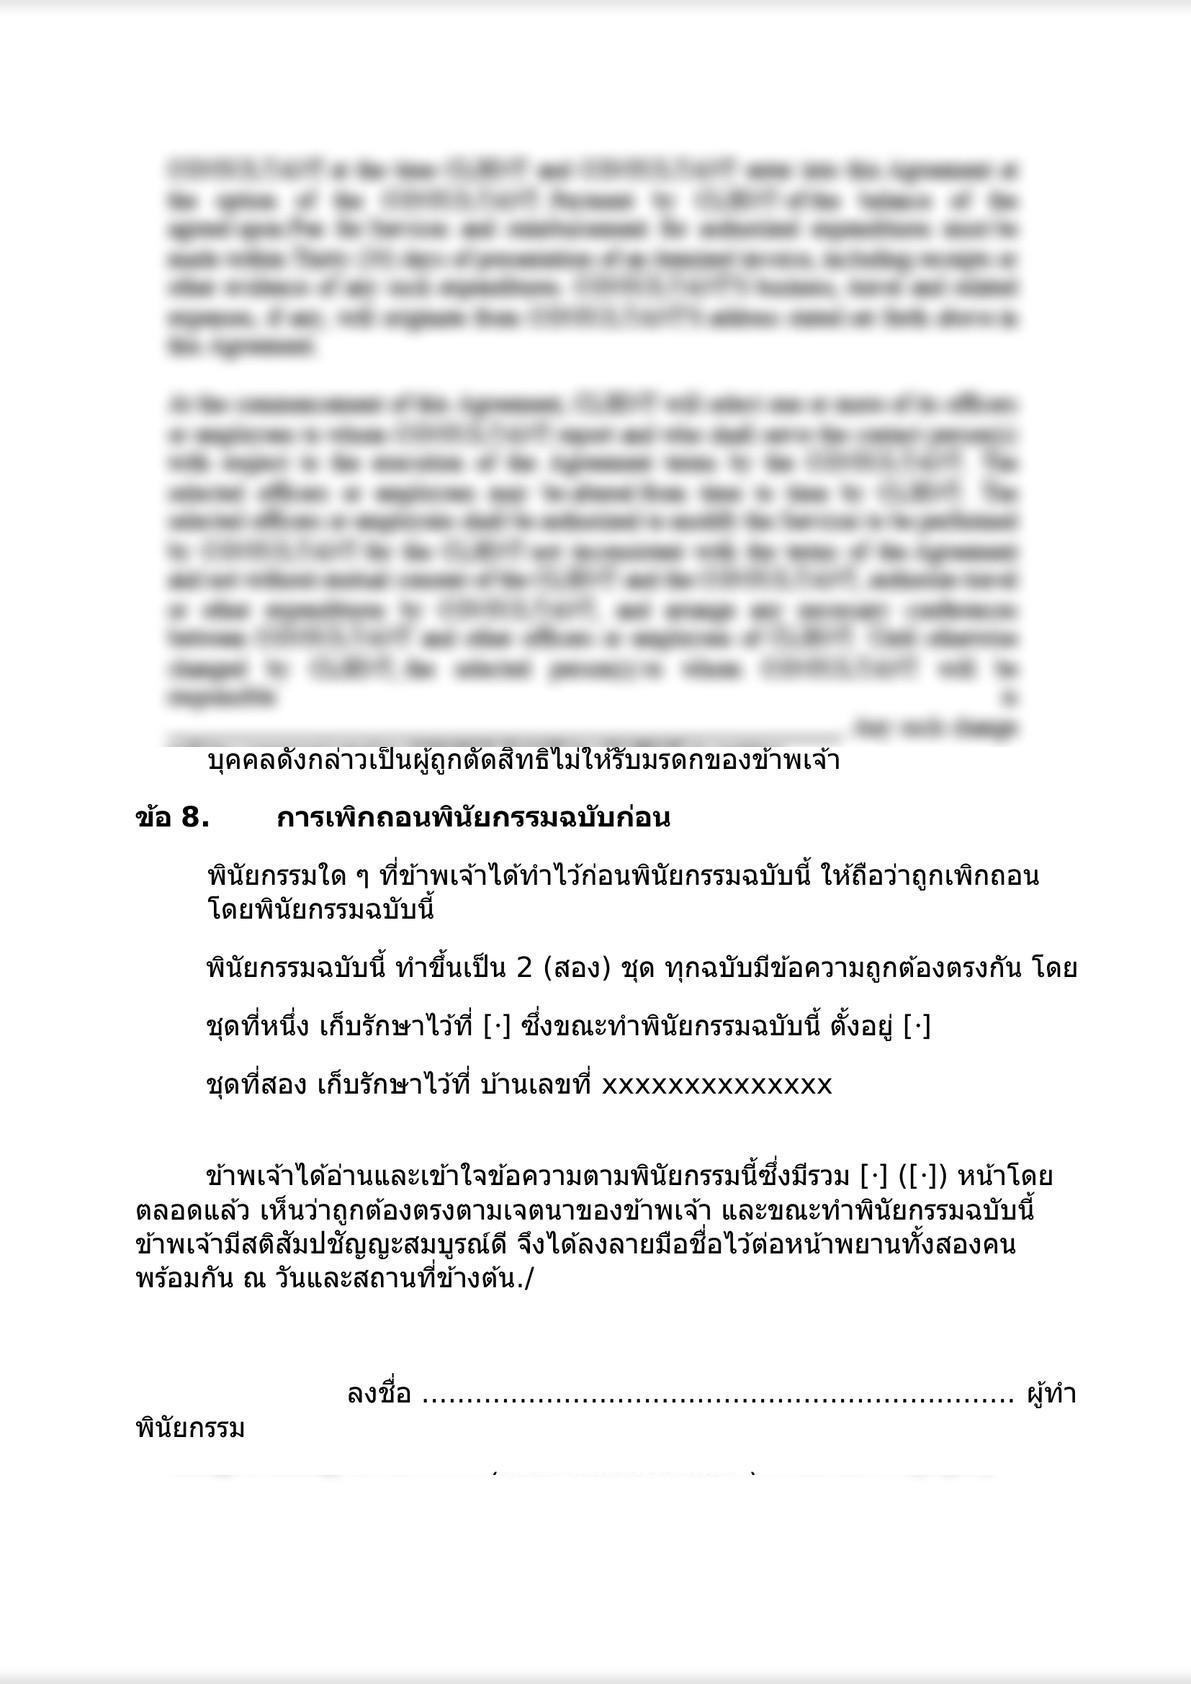 Will under Thai law-2